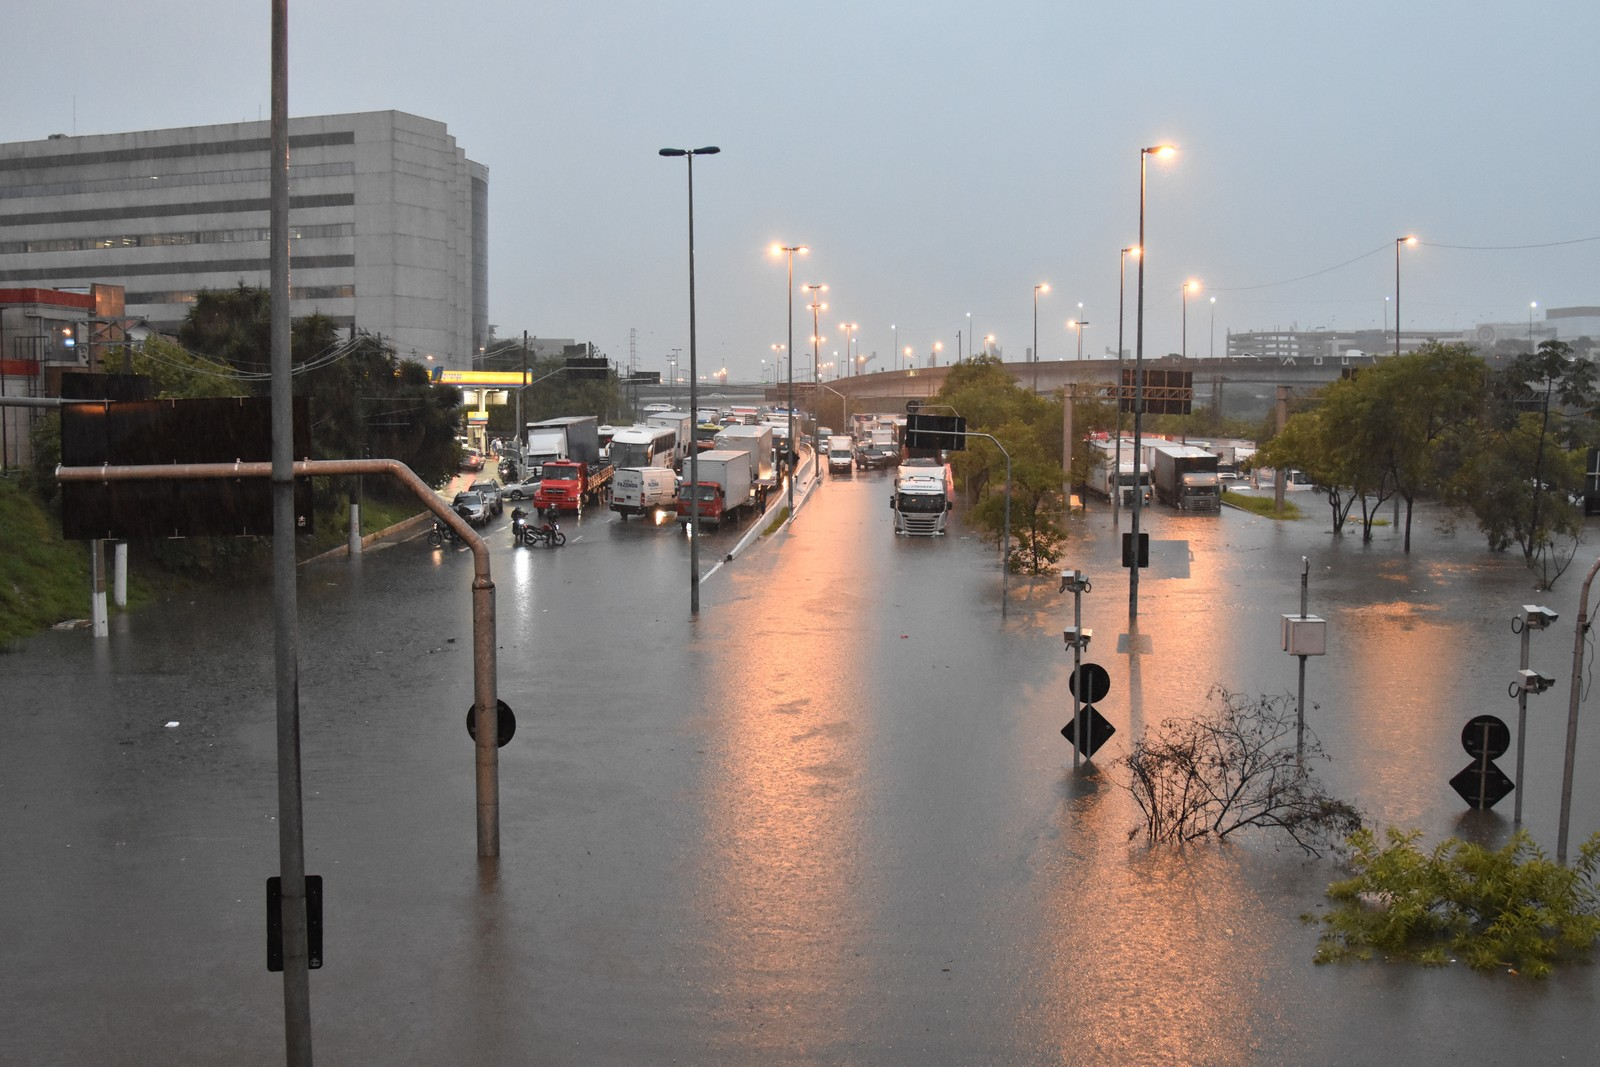 Rodízio de carros e caminhões é suspenso em segunda-feira de chuva e alagamentos em SP